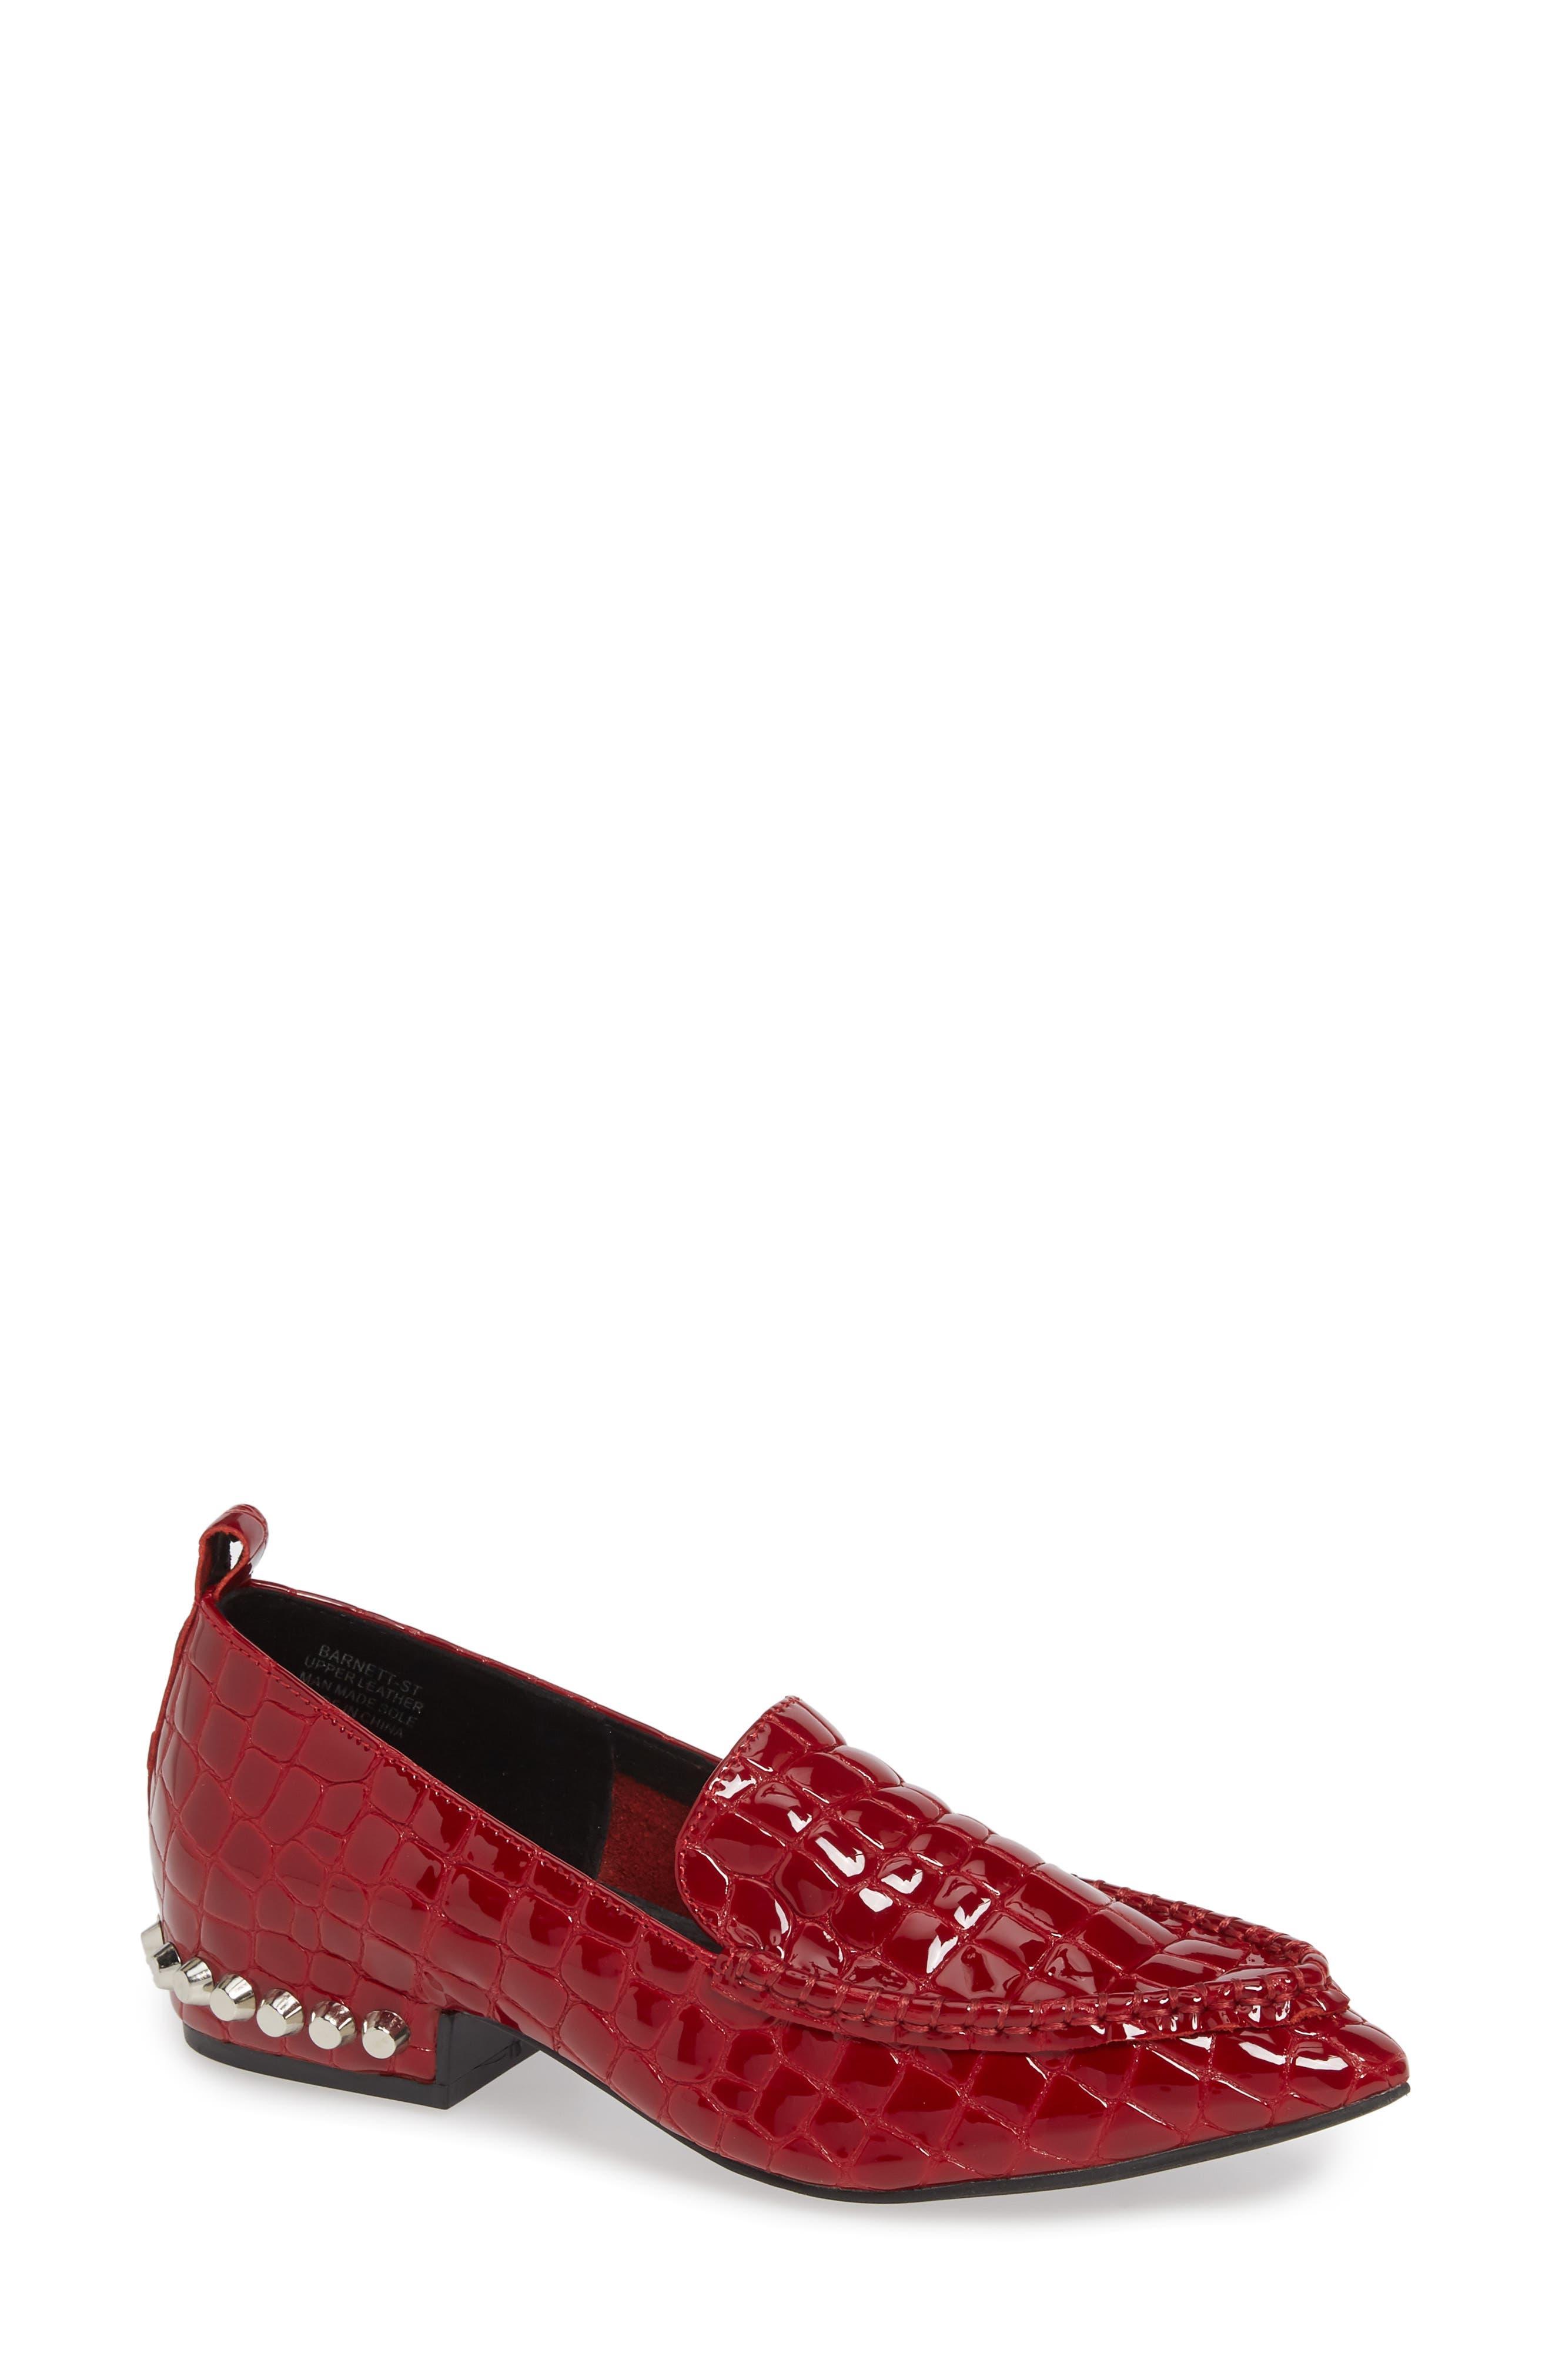 Jeffrey Campbell Barnett Studded Loafer, Red